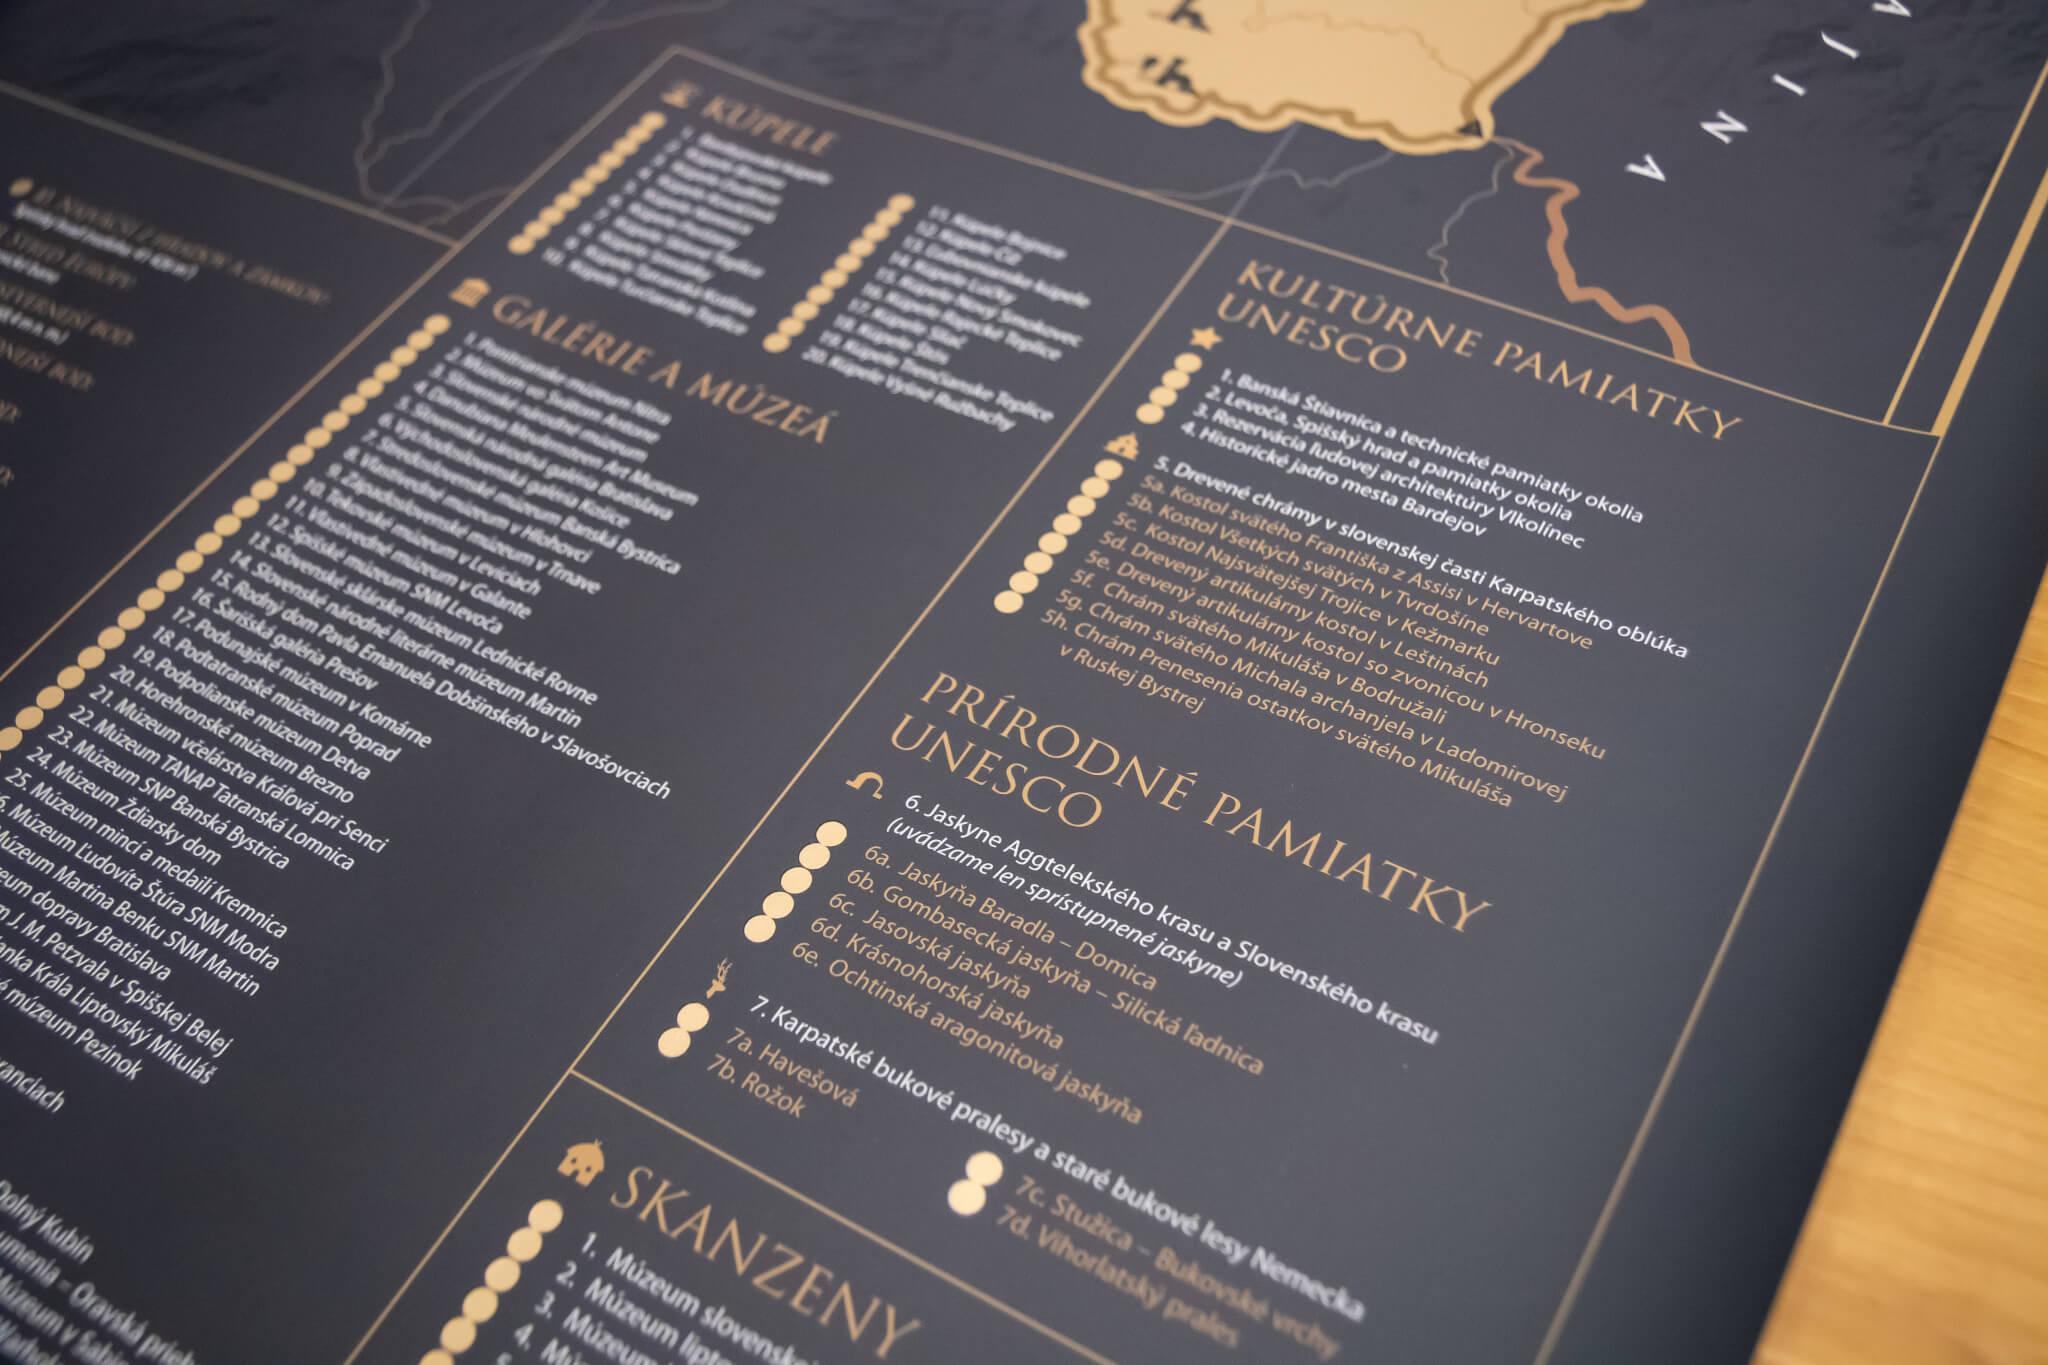 Stieracia mapa Slovenska - Detail sekcií